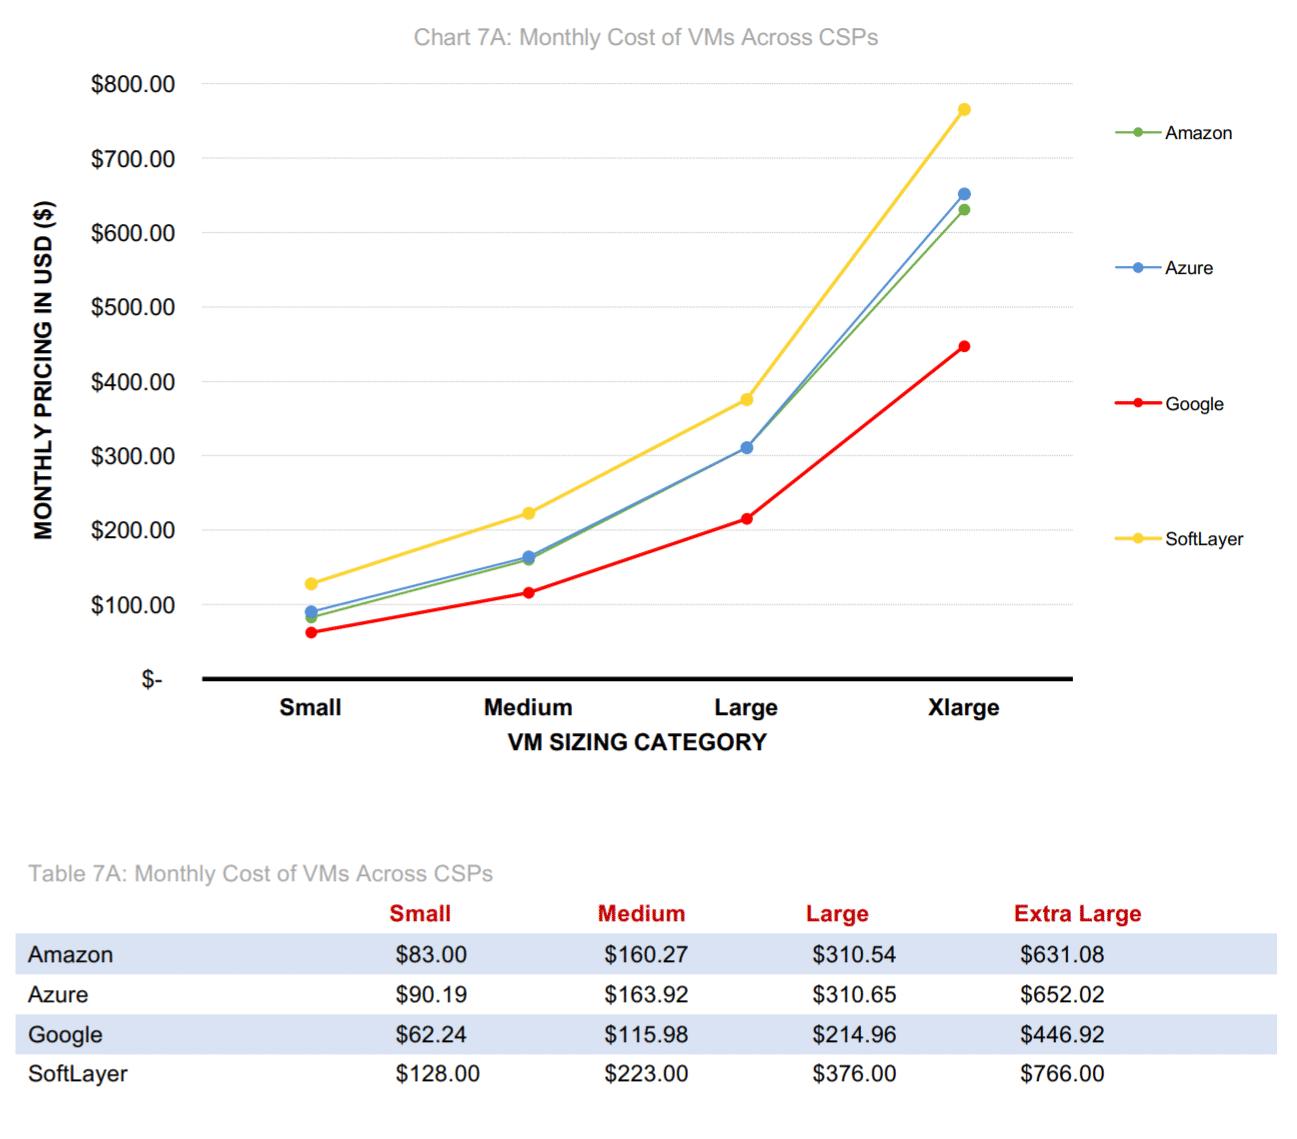 クラウドコンピューティングプロバイダの価格比較